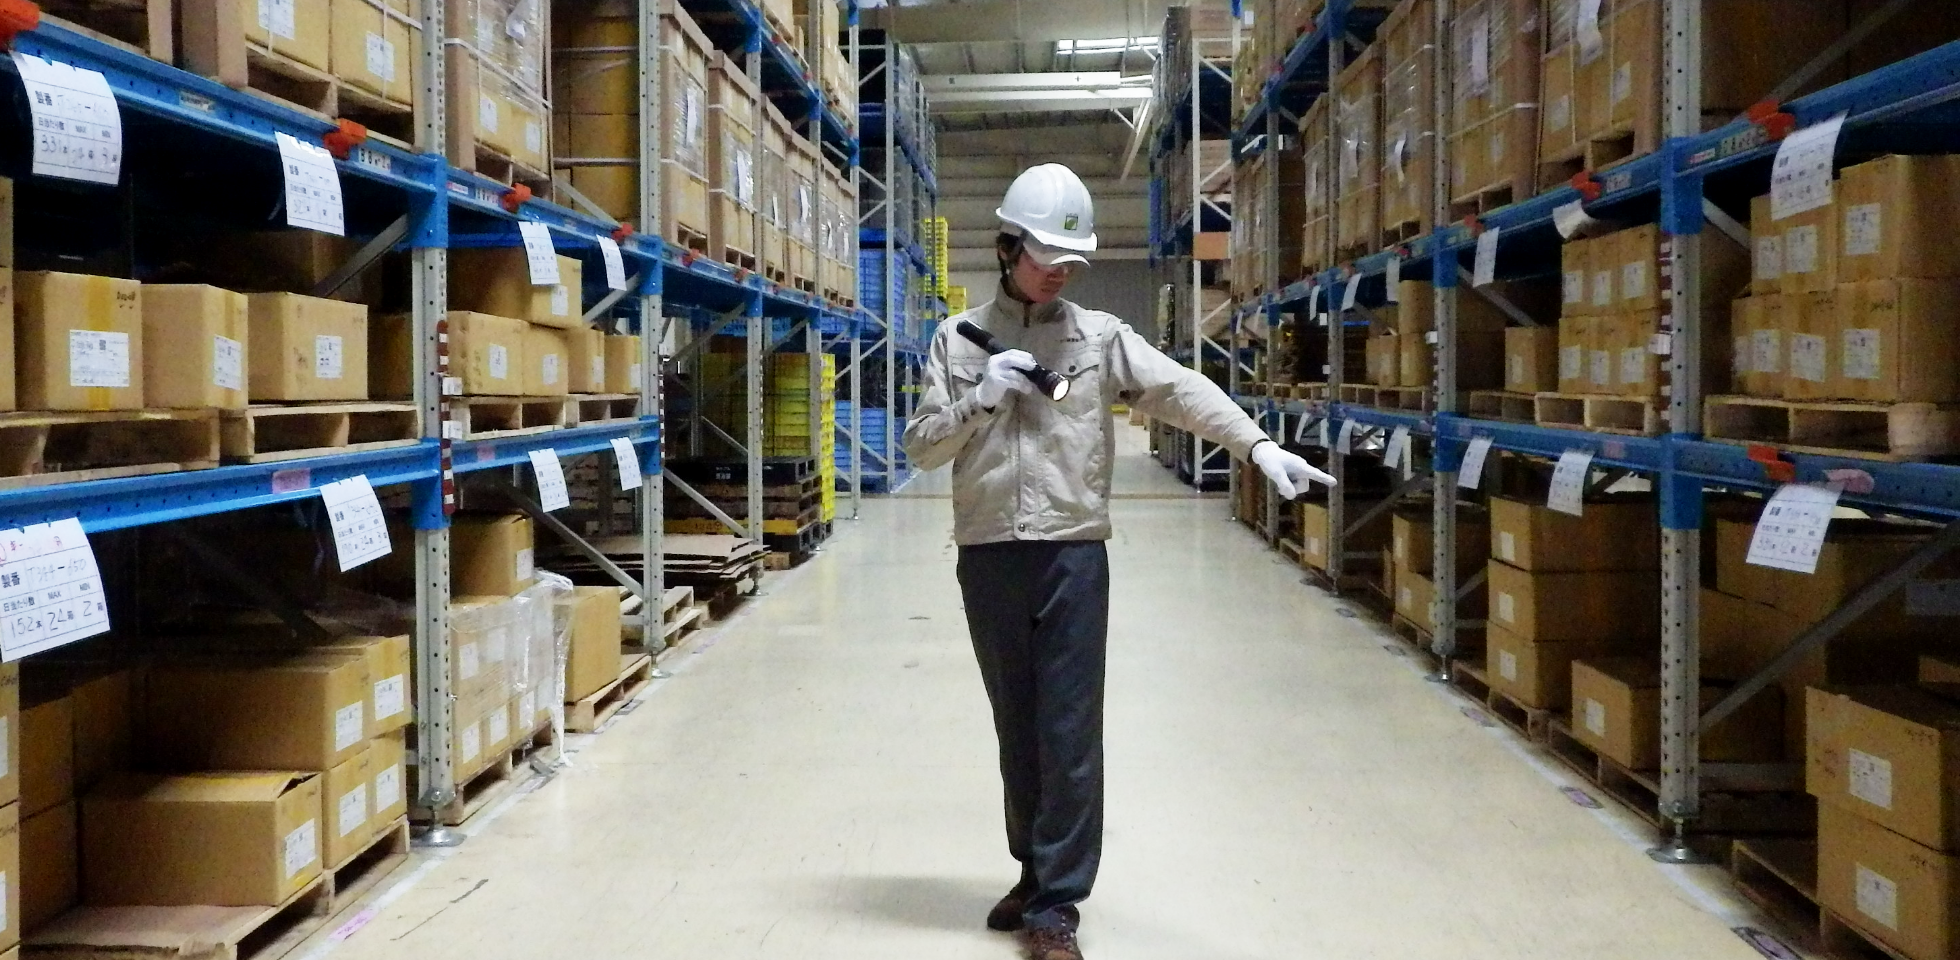 建築物内部の設備機器の状態を確認する写真